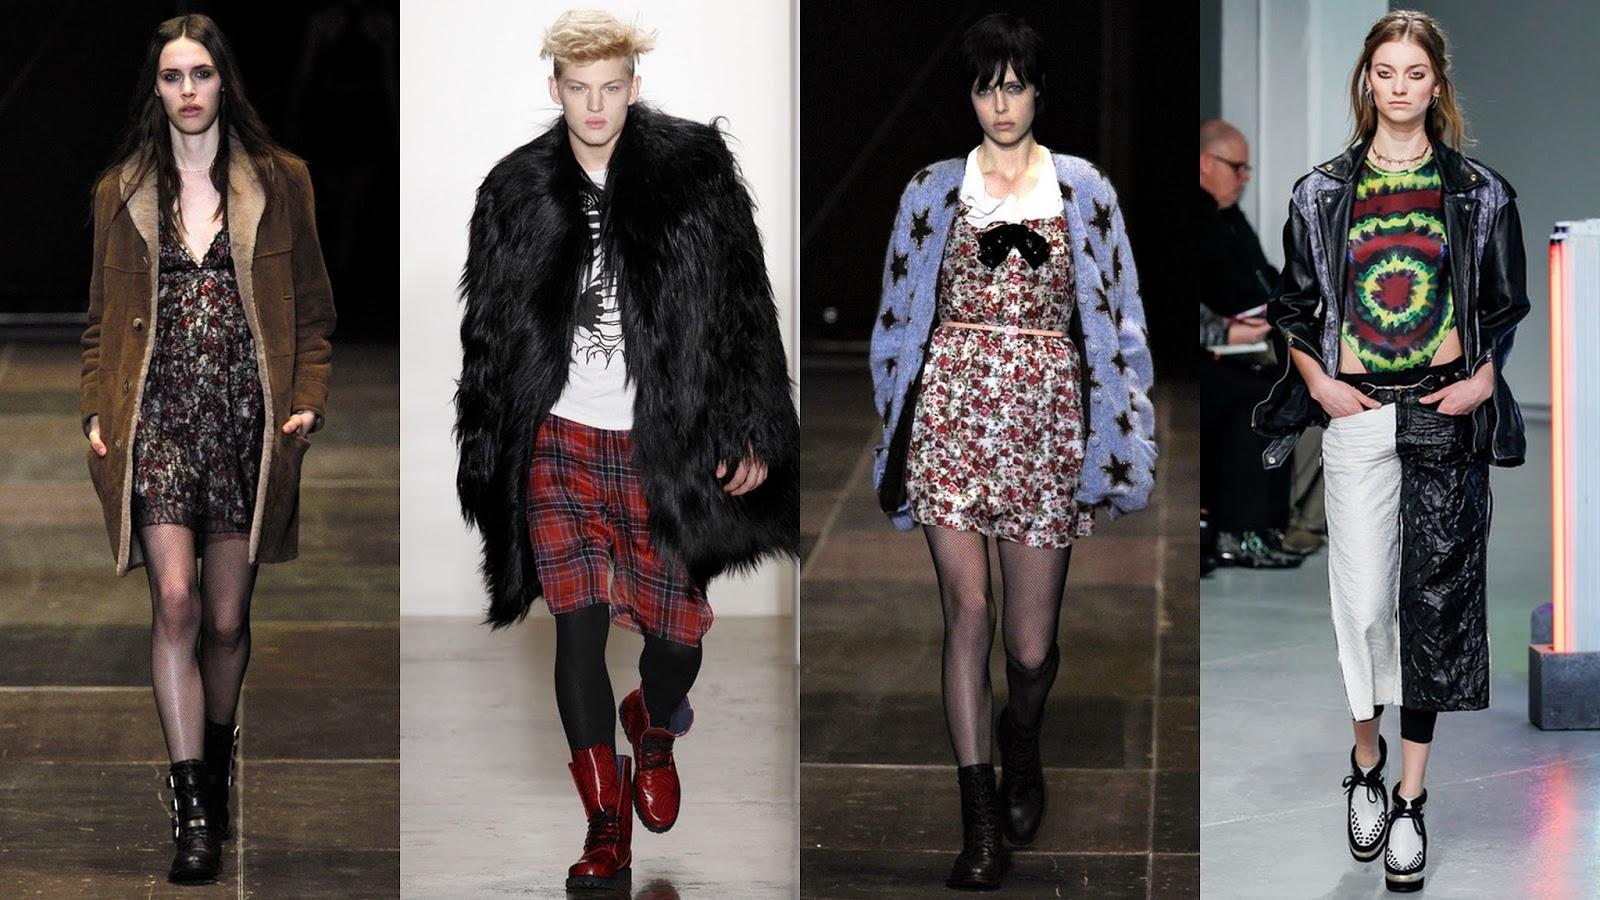 Fall Fashion Aesthetic